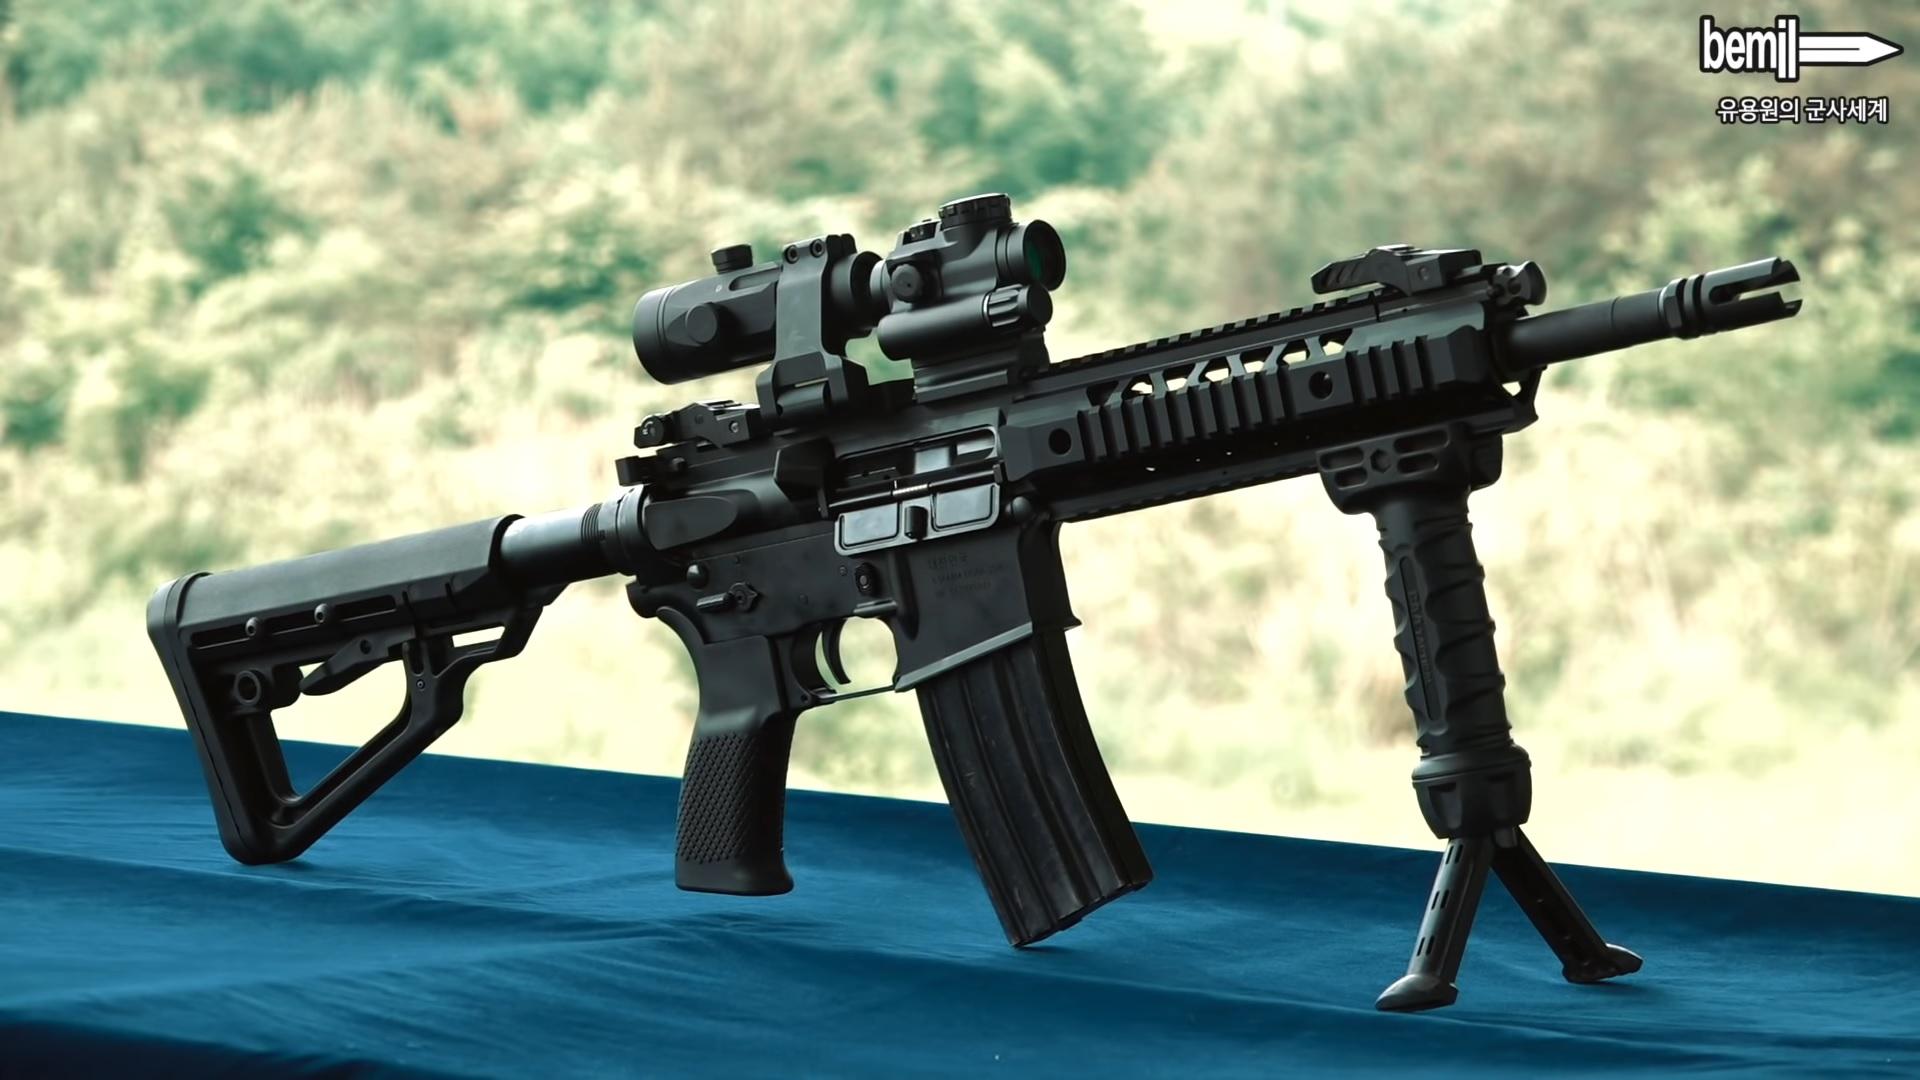 AAG_th บันทึกประจำวัน: ปืนเล็กสั้น Dasan DSAR-15PC ถูกเลือกสำหรับ หน่วยรบพิเศษกองทัพบกเกาหลีใต้